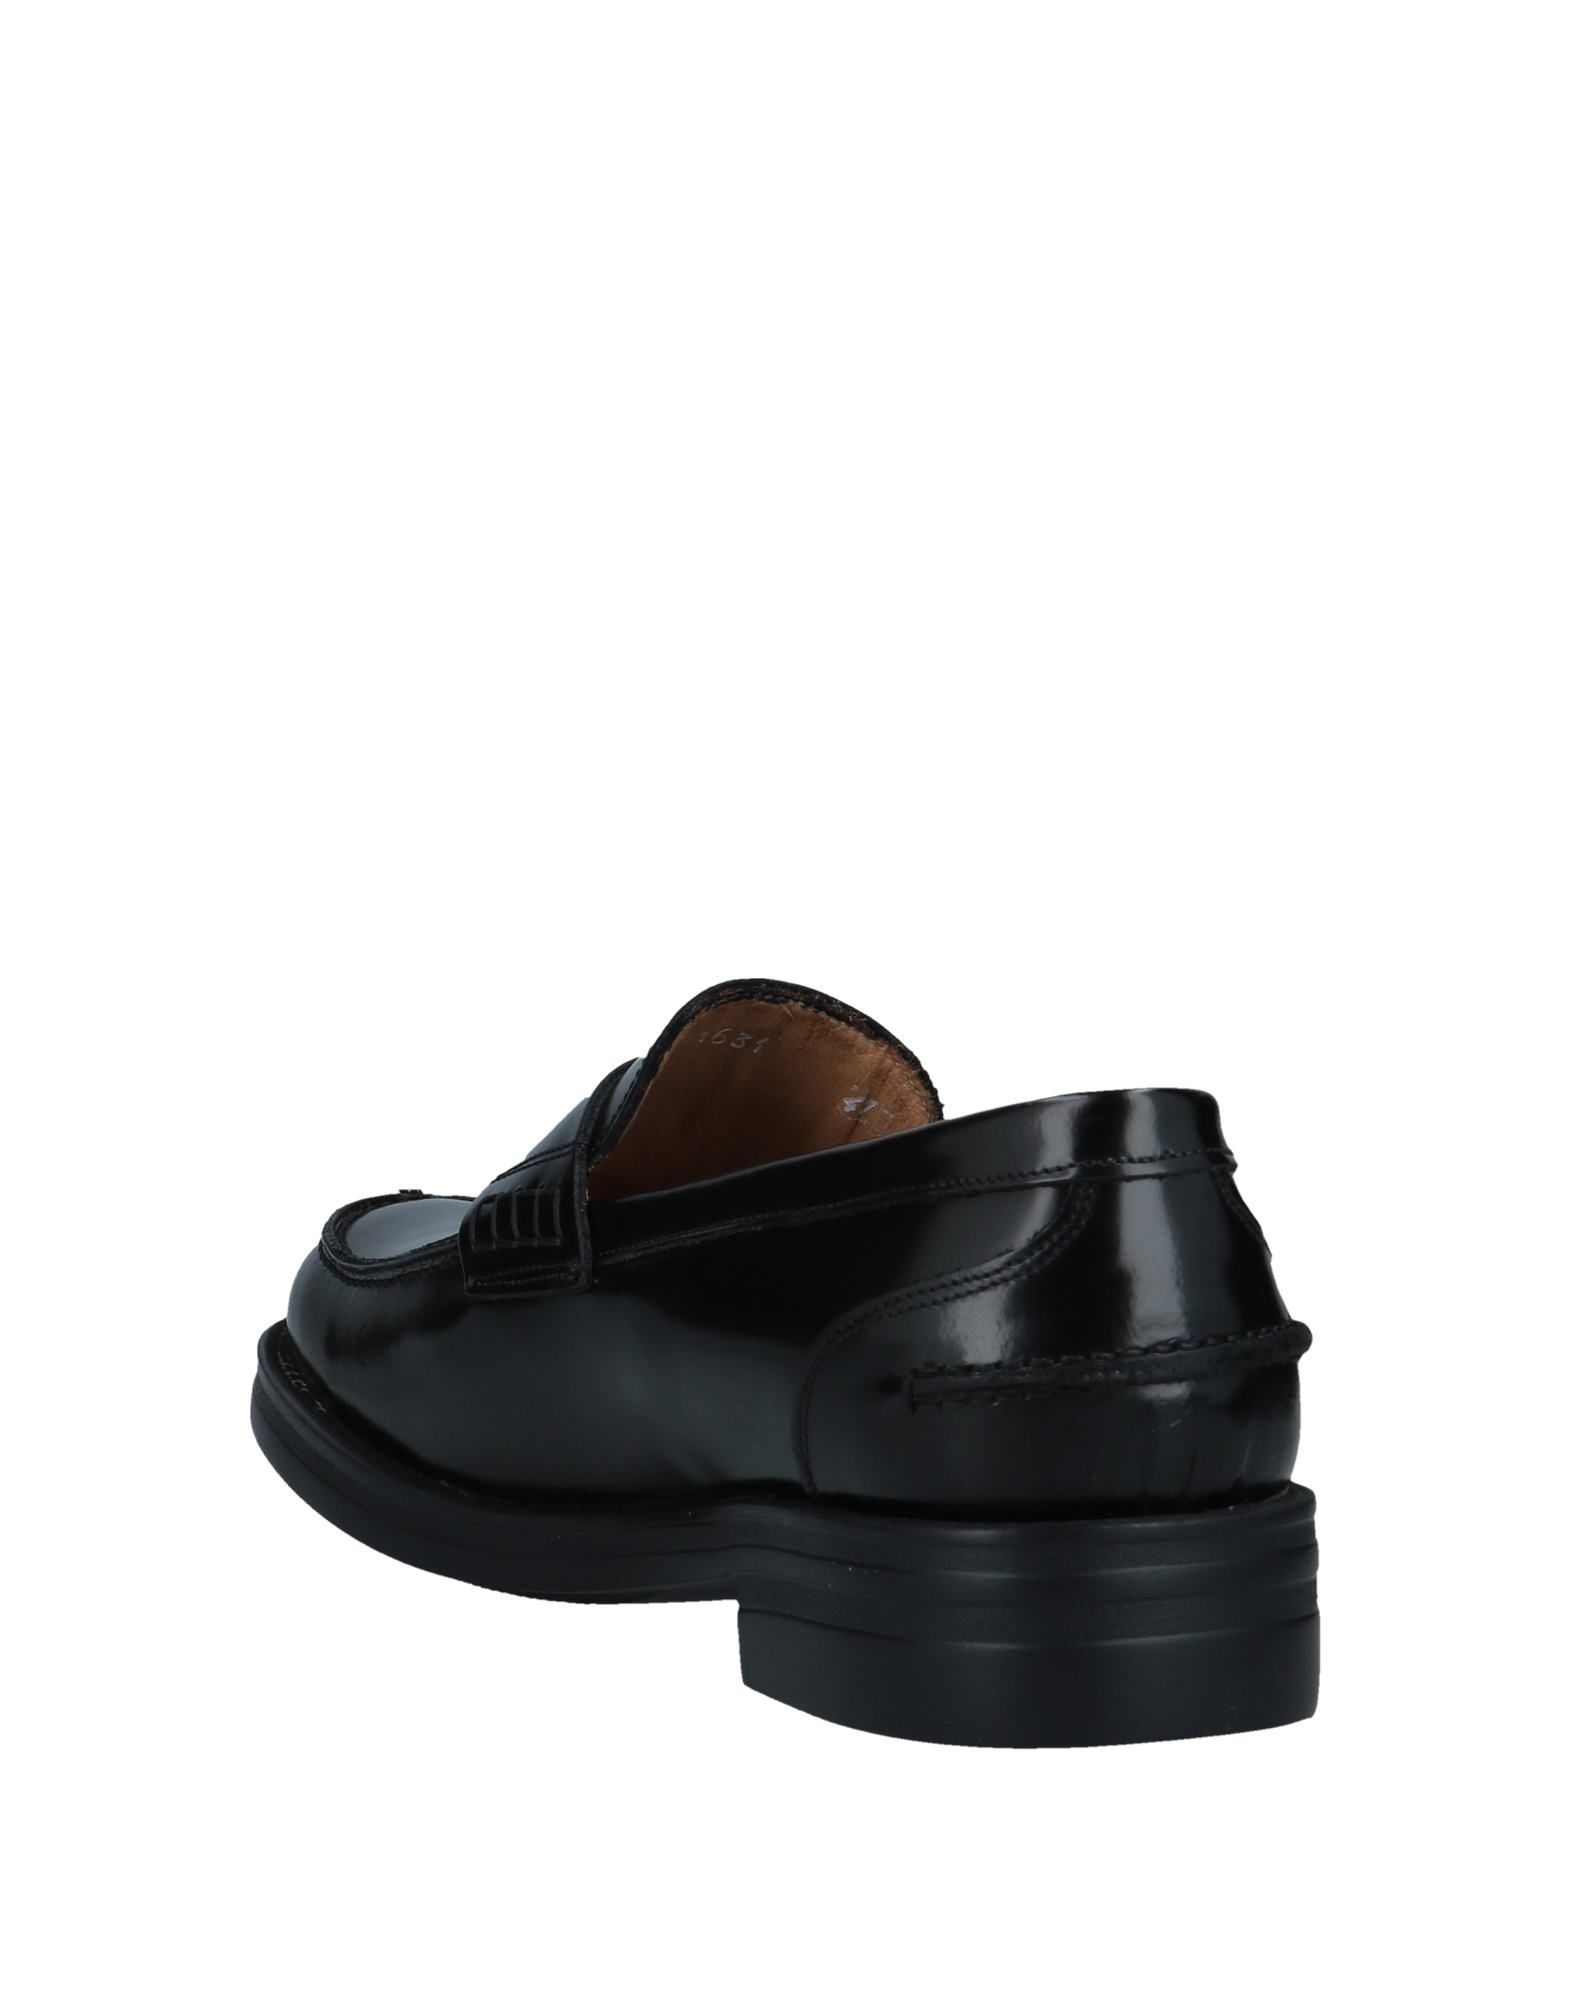 Baldinini Gute Mokassins Herren  11554106OU Gute Baldinini Qualität beliebte Schuhe f685ec